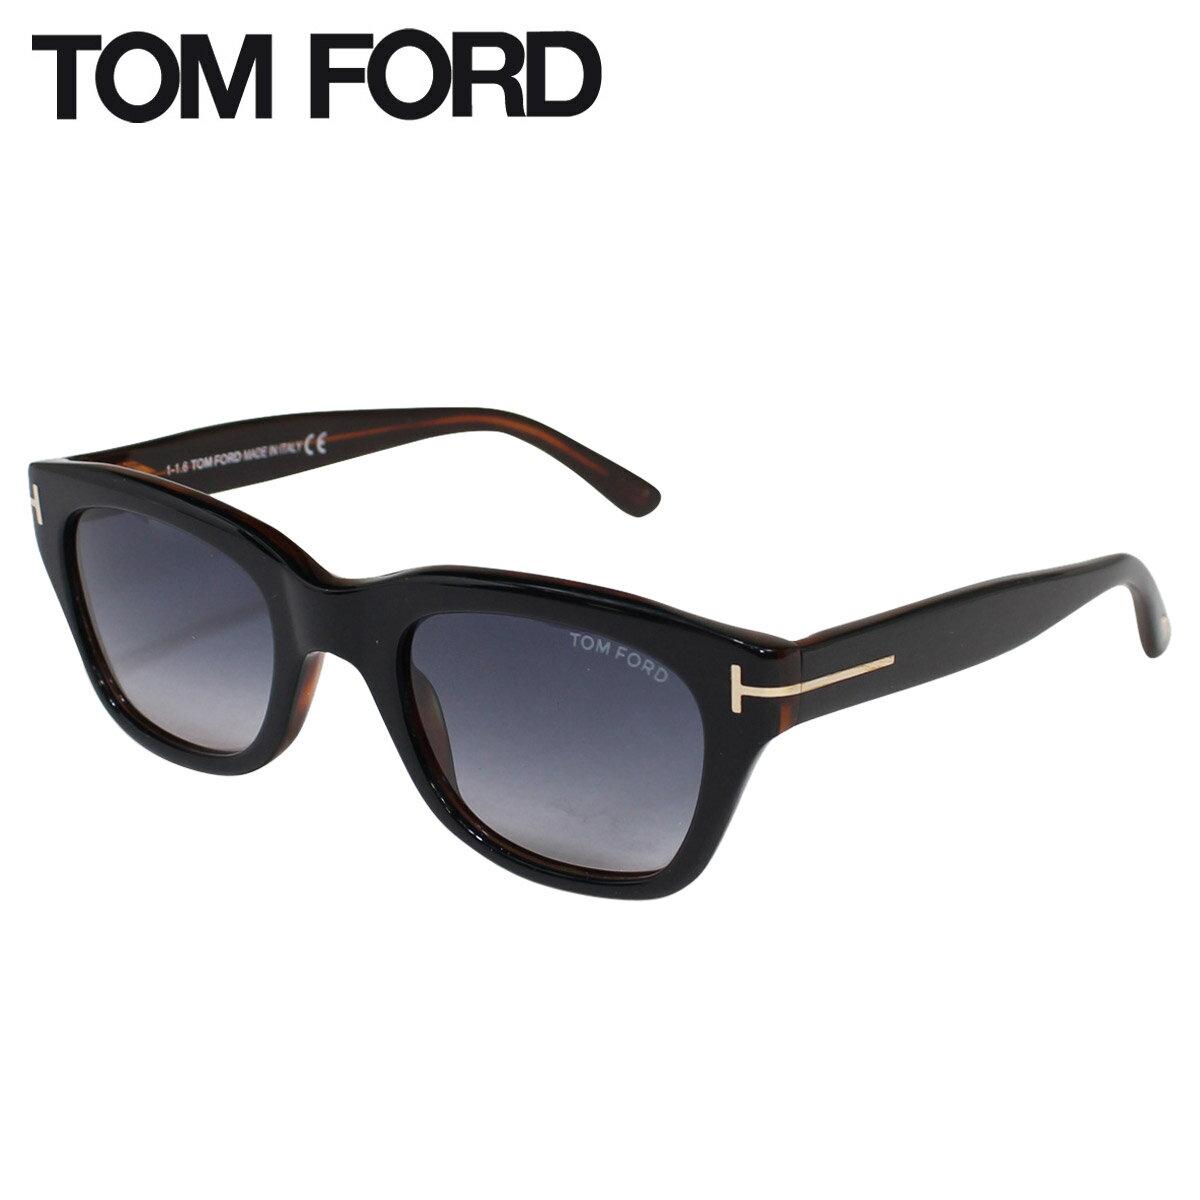 トムフォード TOM FORD サングラス メンズ レディース アイウェア SNOWDON SUNGLASSES FT0237 イタリア製 【決算セール】